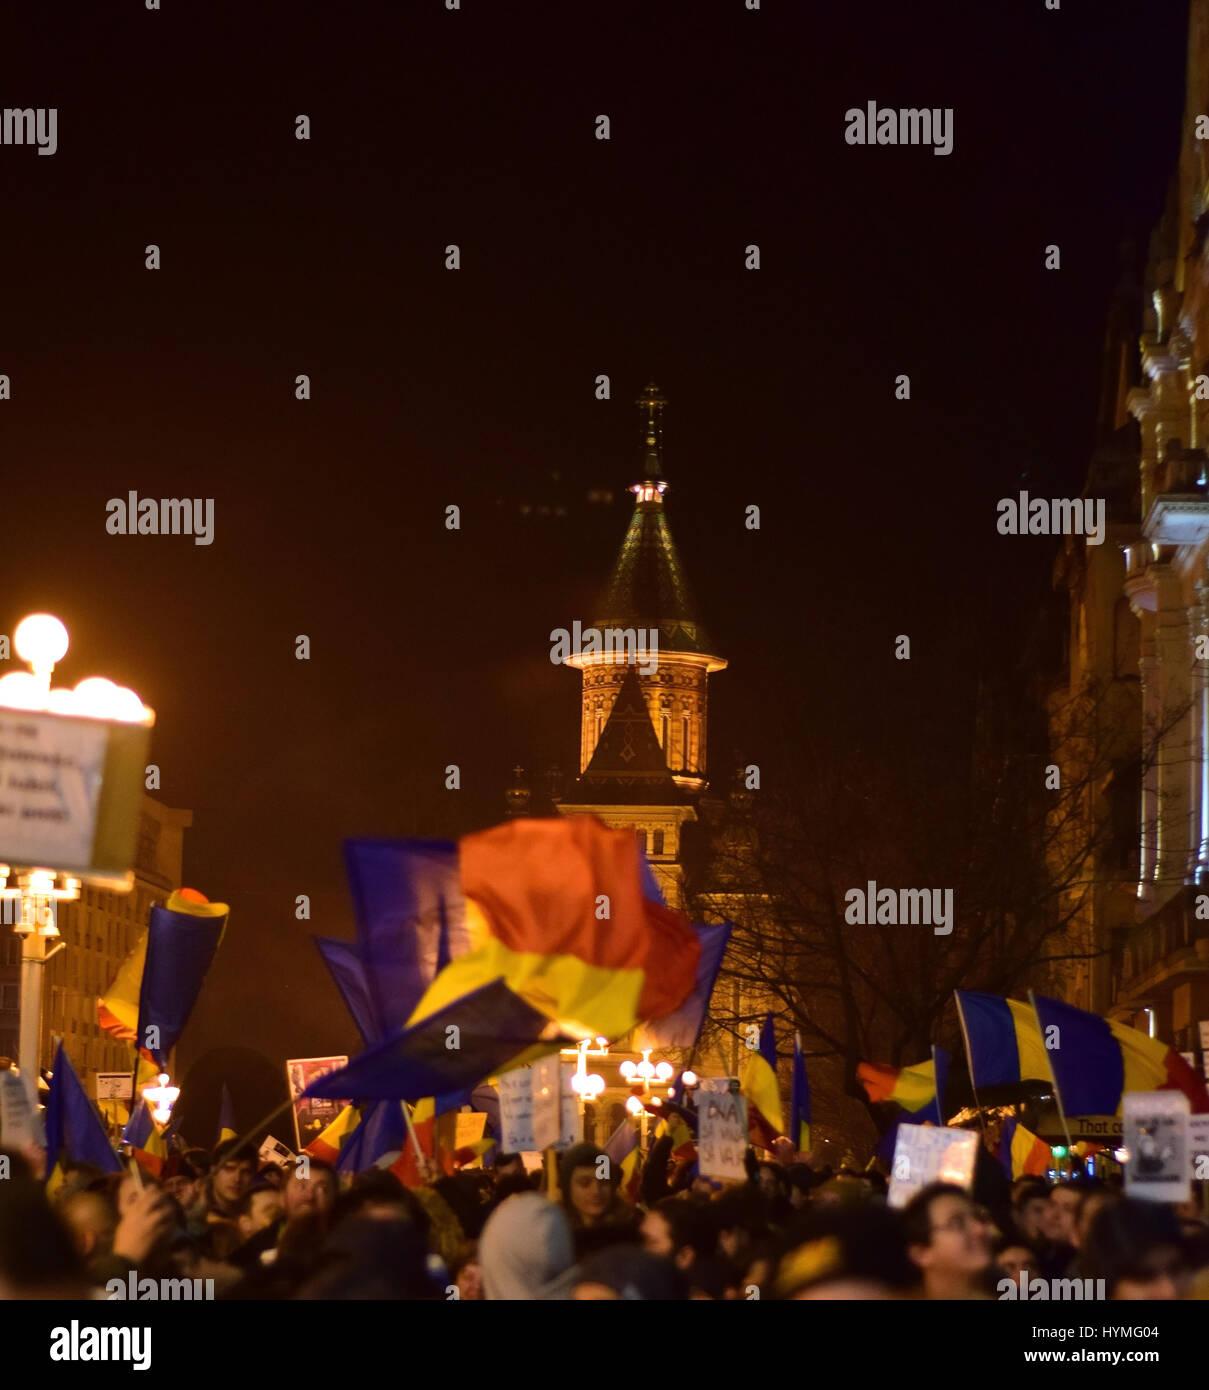 Romanian protesters in Operei Square Timisoara - Stock Image